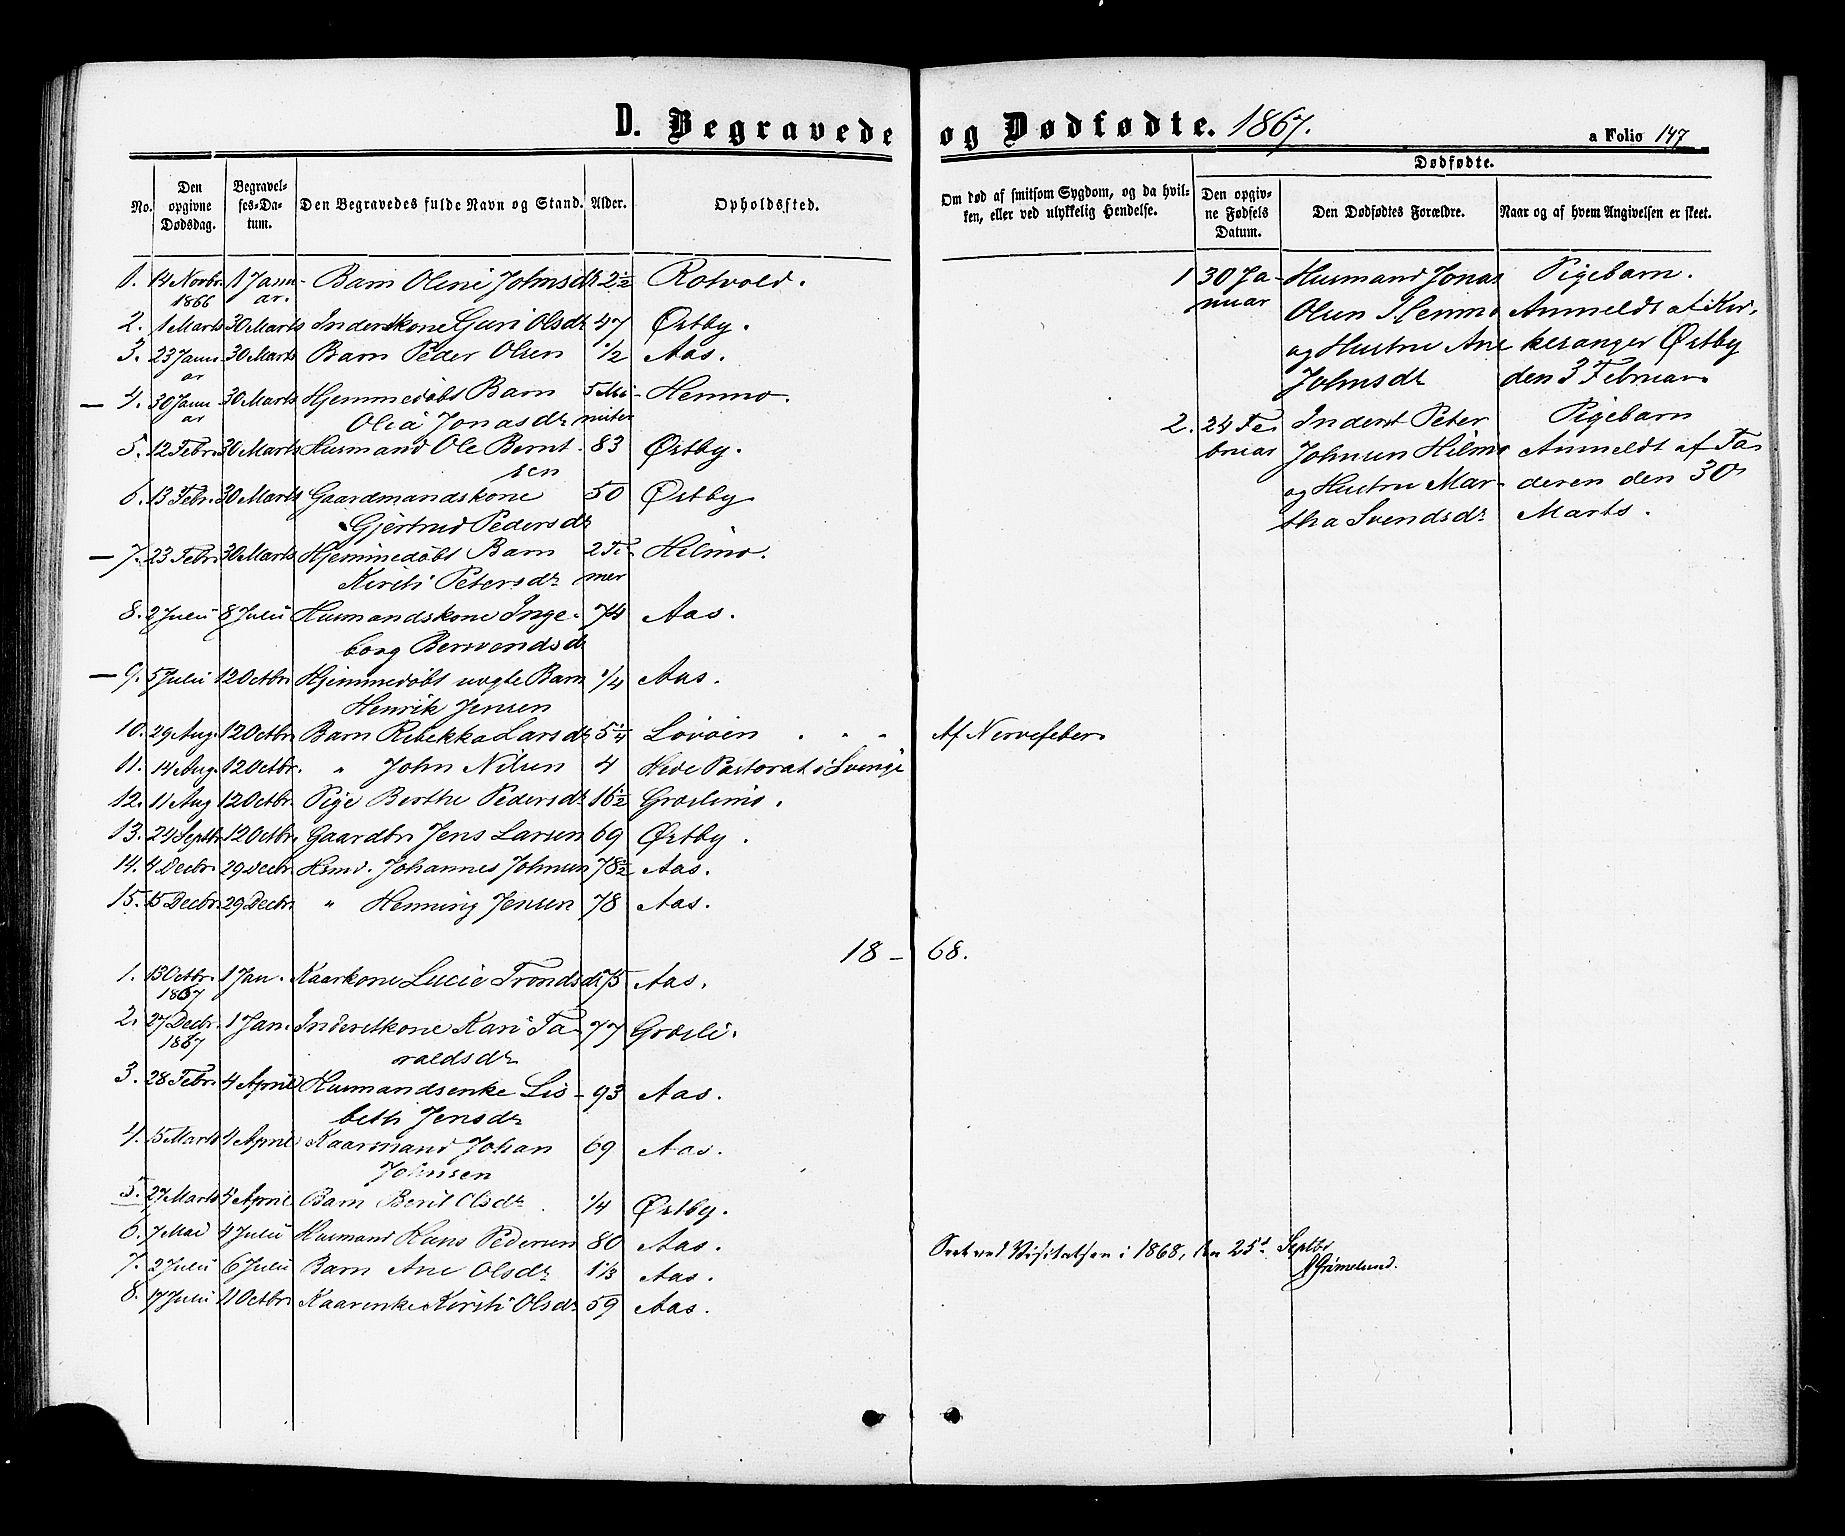 SAT, Ministerialprotokoller, klokkerbøker og fødselsregistre - Sør-Trøndelag, 698/L1163: Ministerialbok nr. 698A01, 1862-1887, s. 147